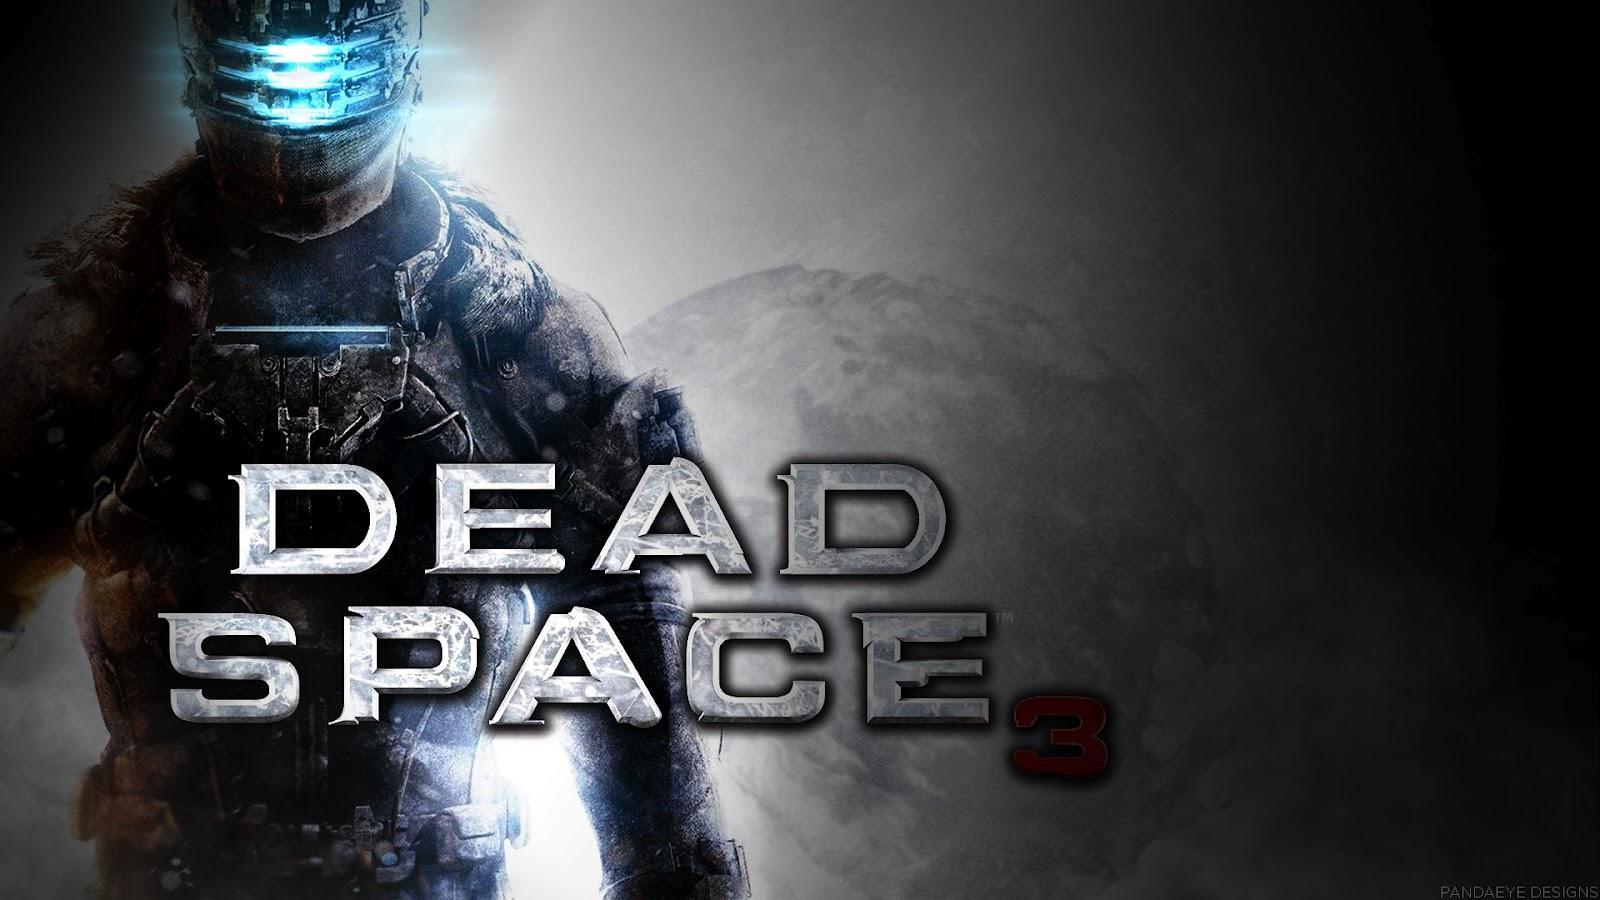 Dead Space 3 HD Wallpaper 1080p